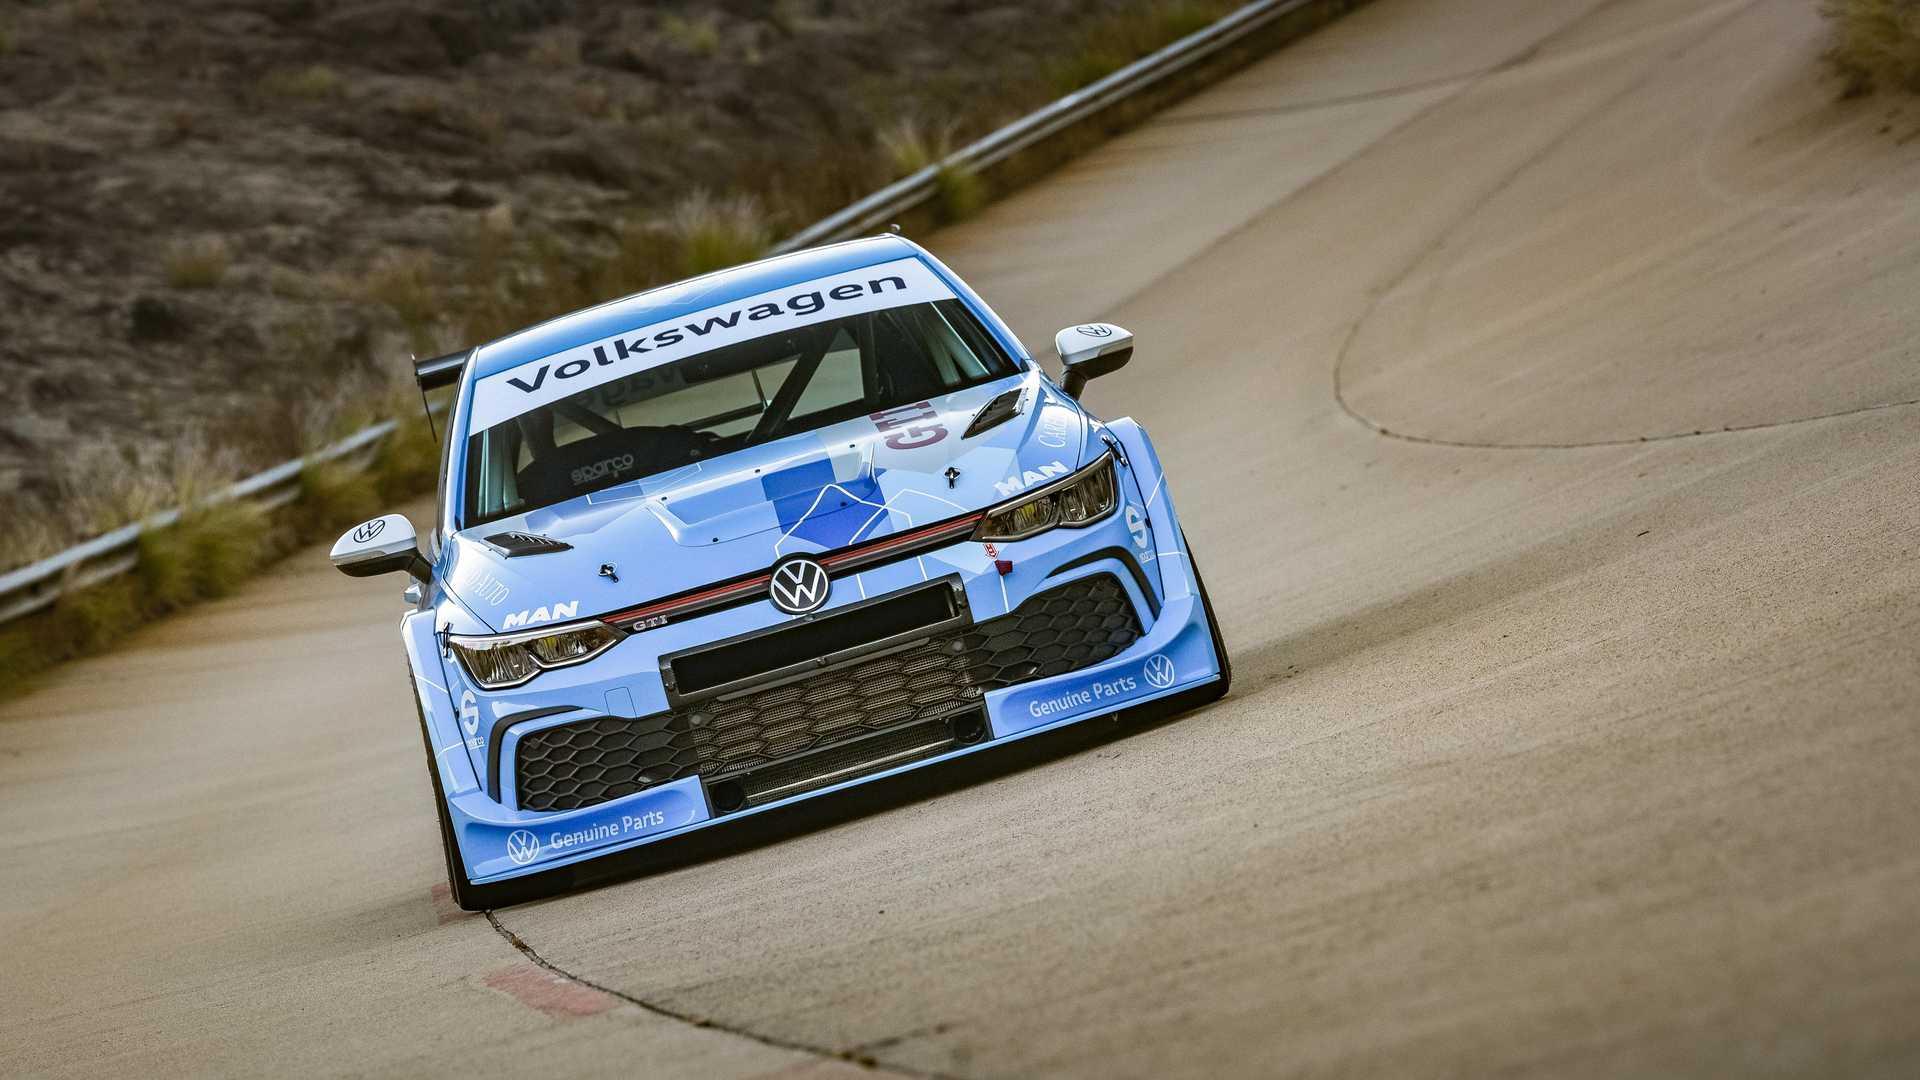 Volkswagen-GTI-GTC-Race-Car-6